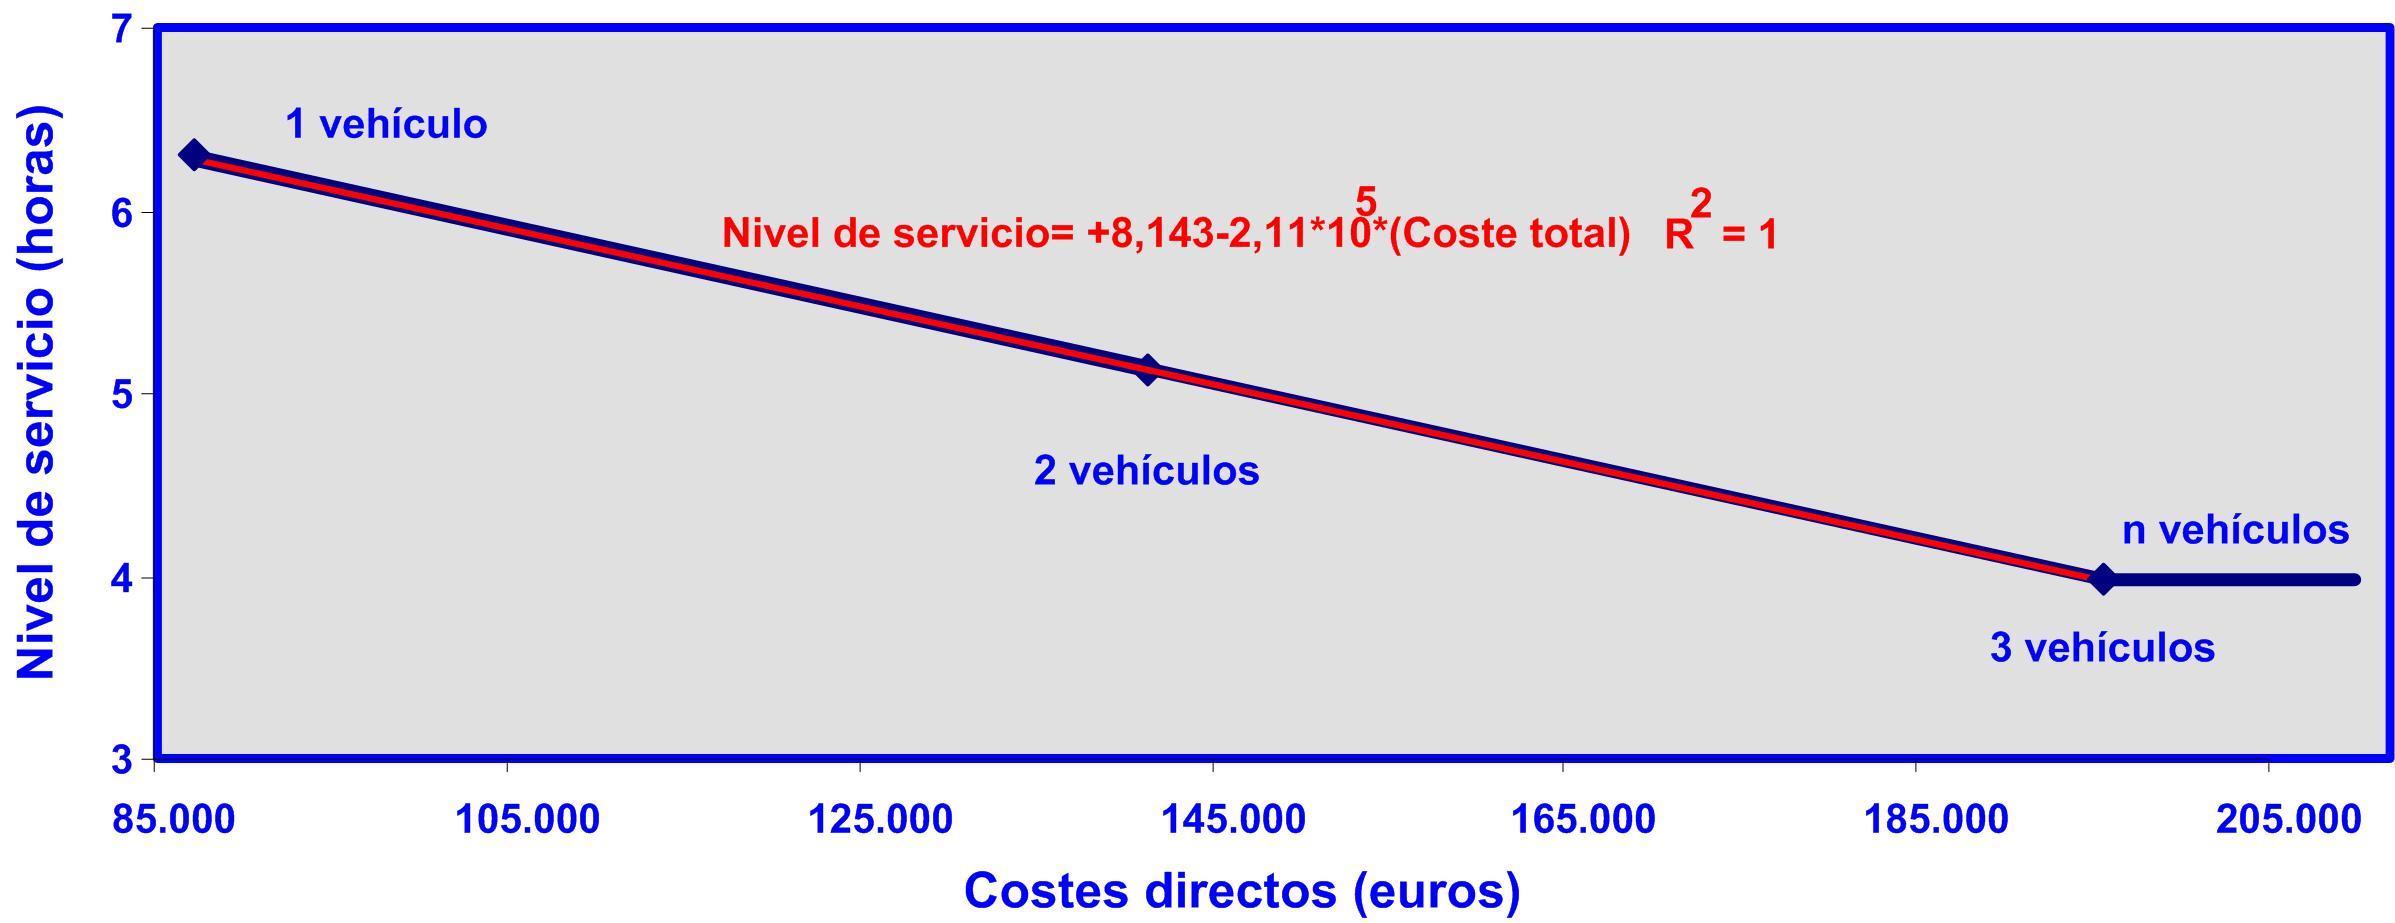 Gráfico 8 07092015 Nivel de servicio coste total II